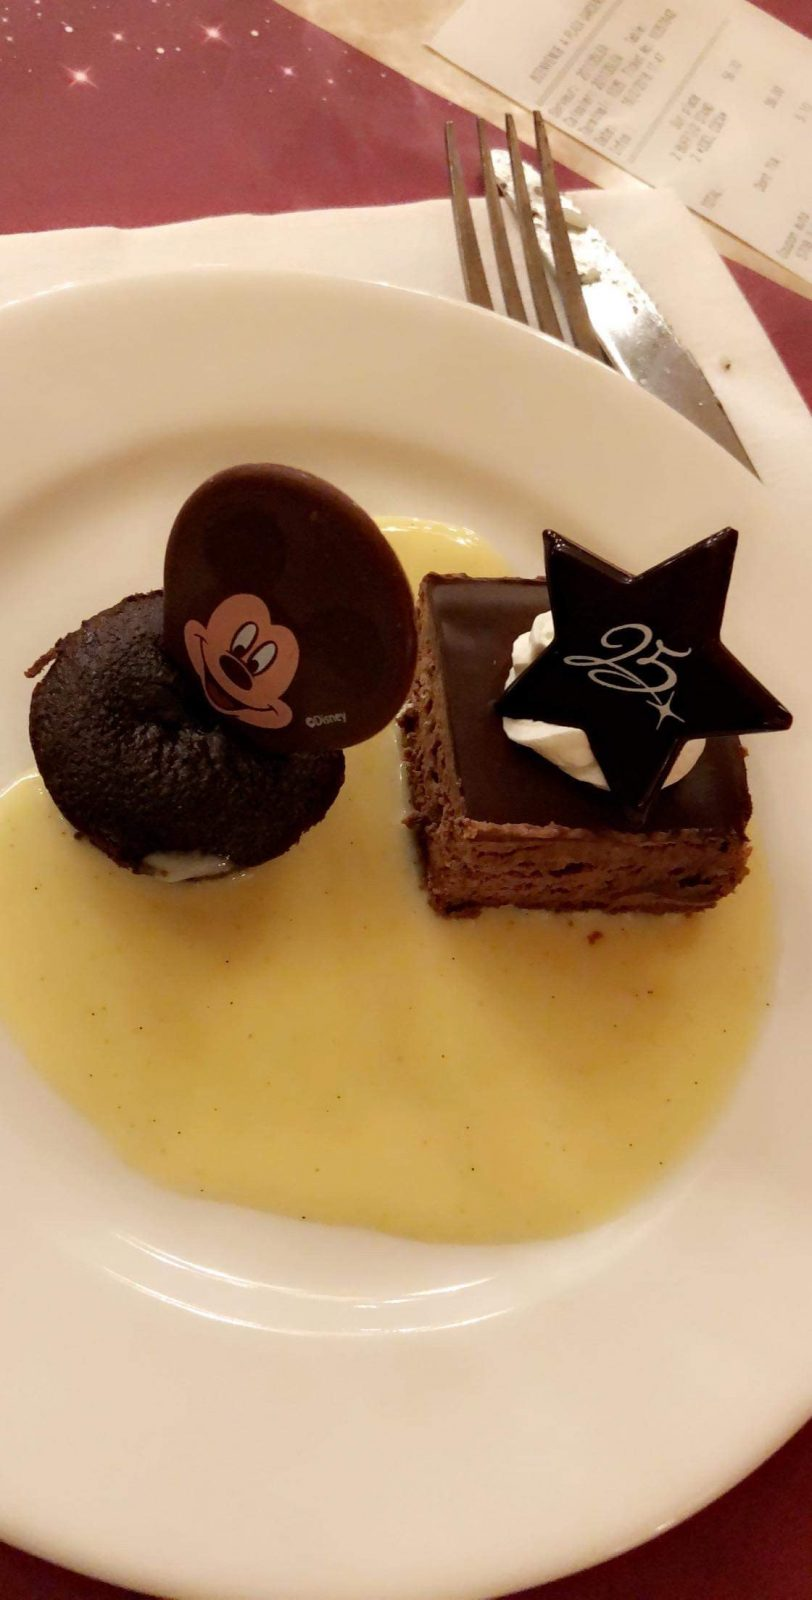 Mickey dessert at Disneyland Paris restaurants